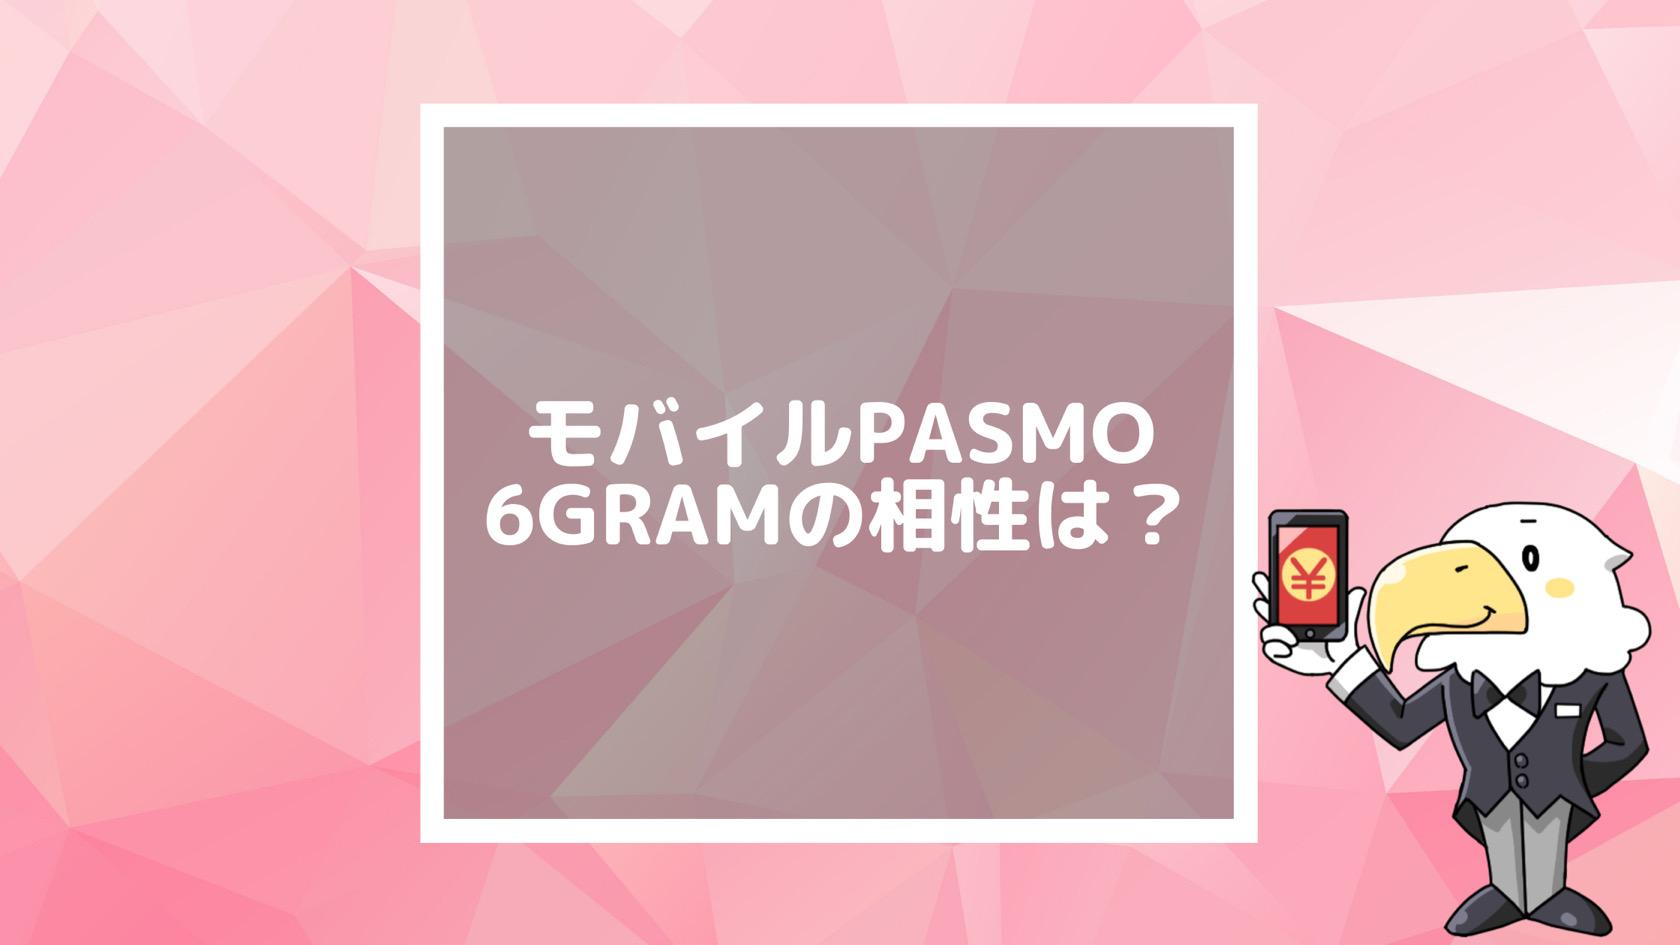 モバイルPASMO 6gram アイコン